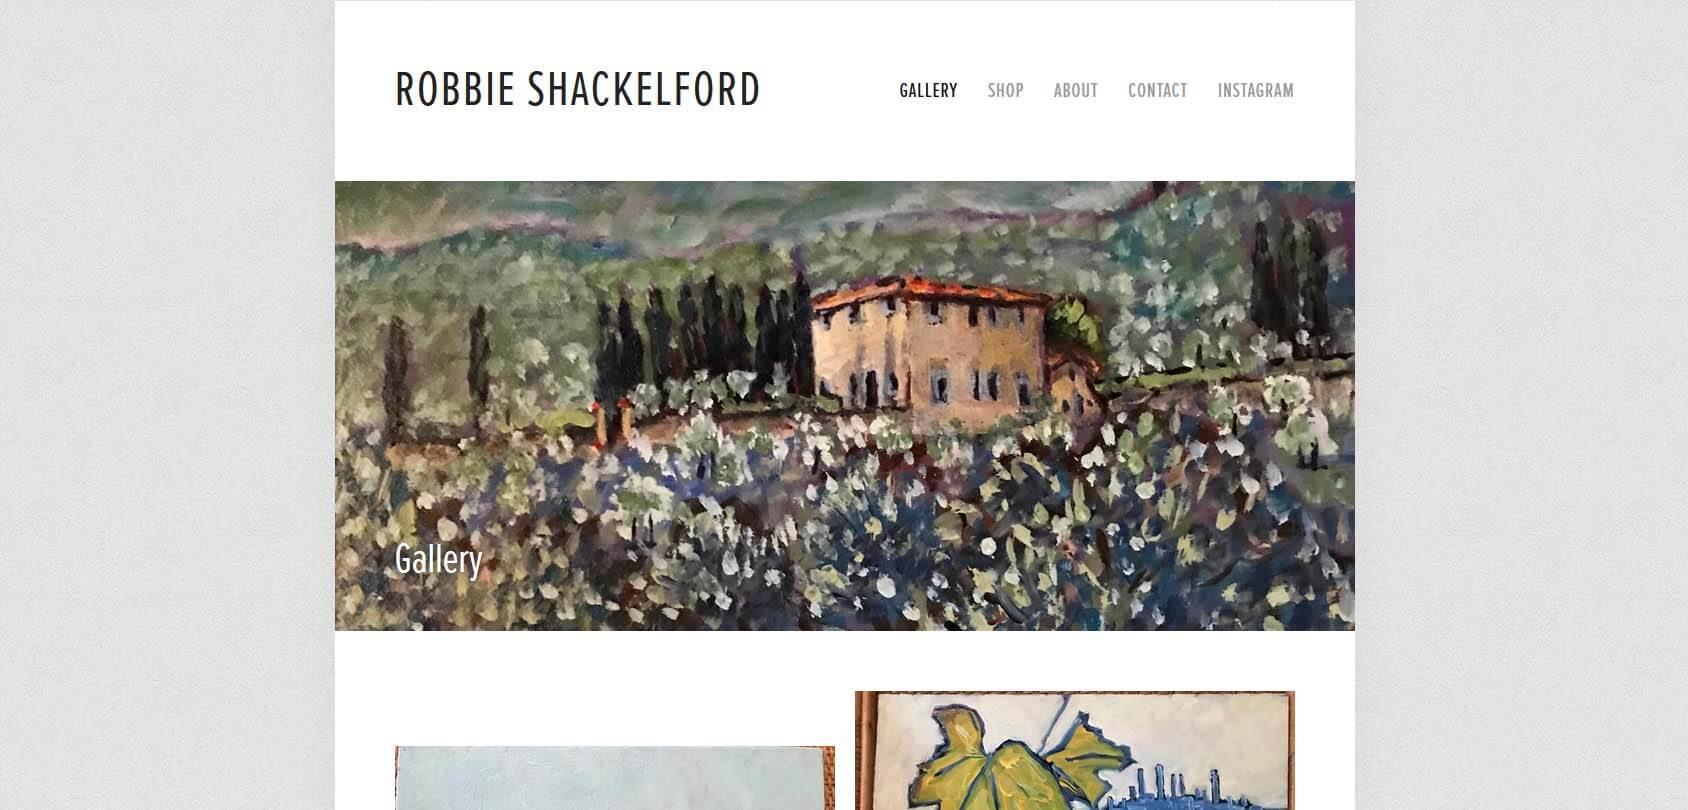 Robbie Shackleford Homepage